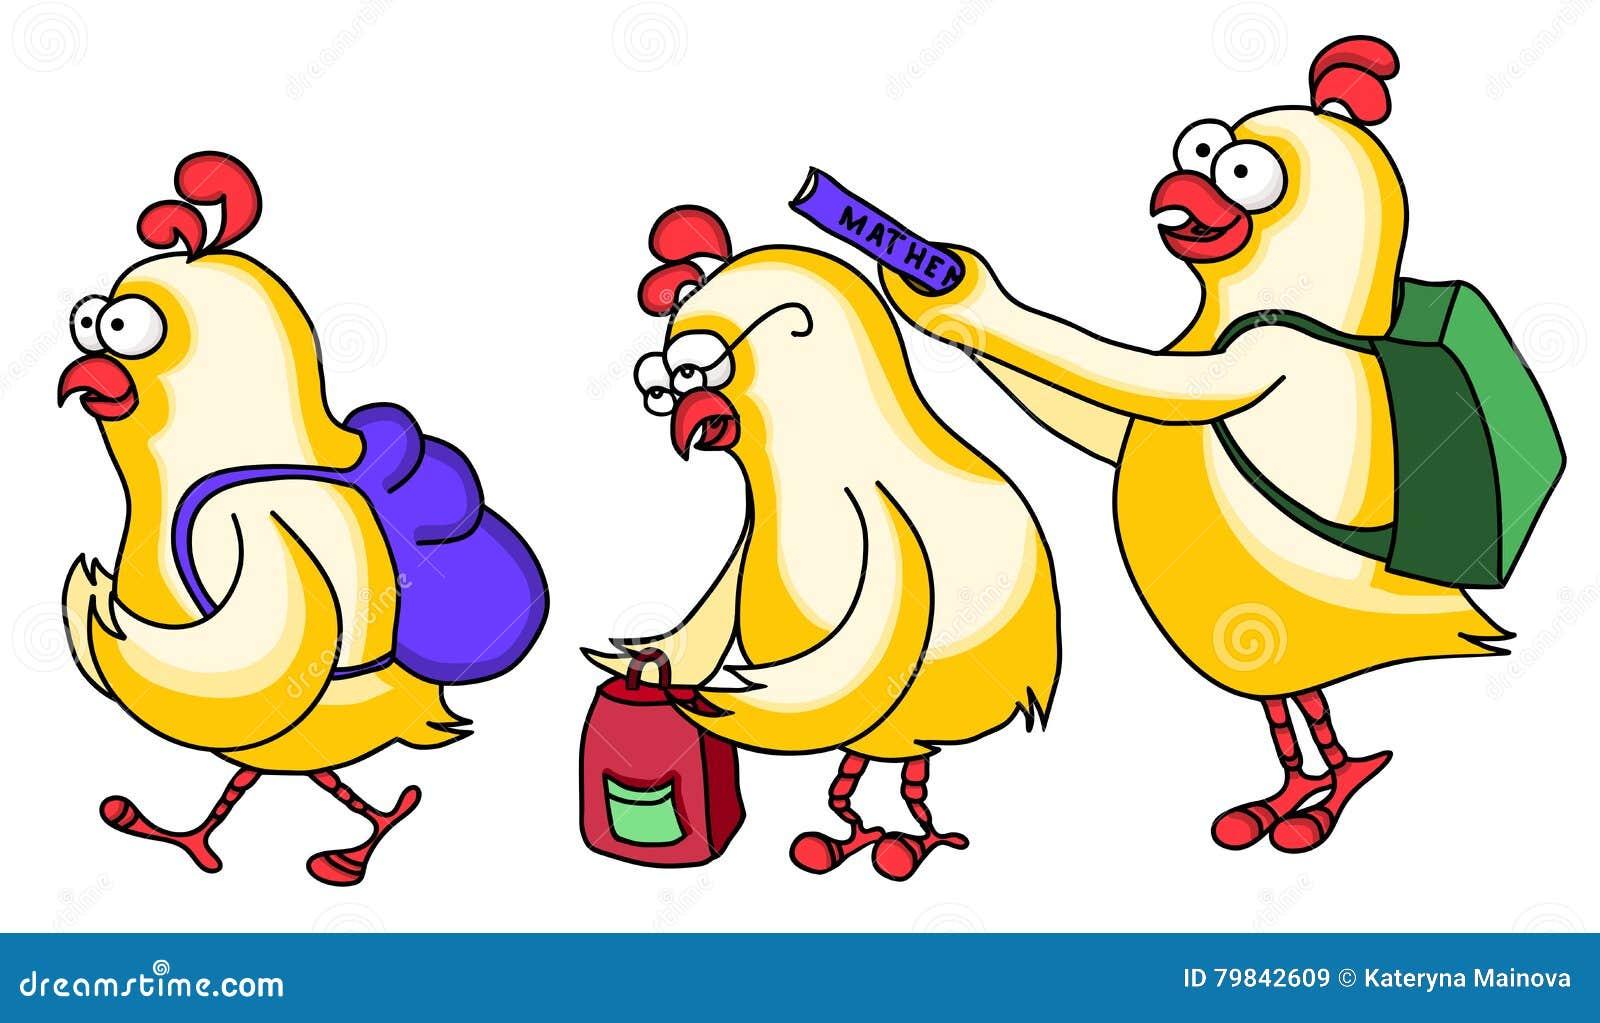 Funny Chicken Cartoons: Chickens Go To School. Stock Vector. Illustration Of Bully